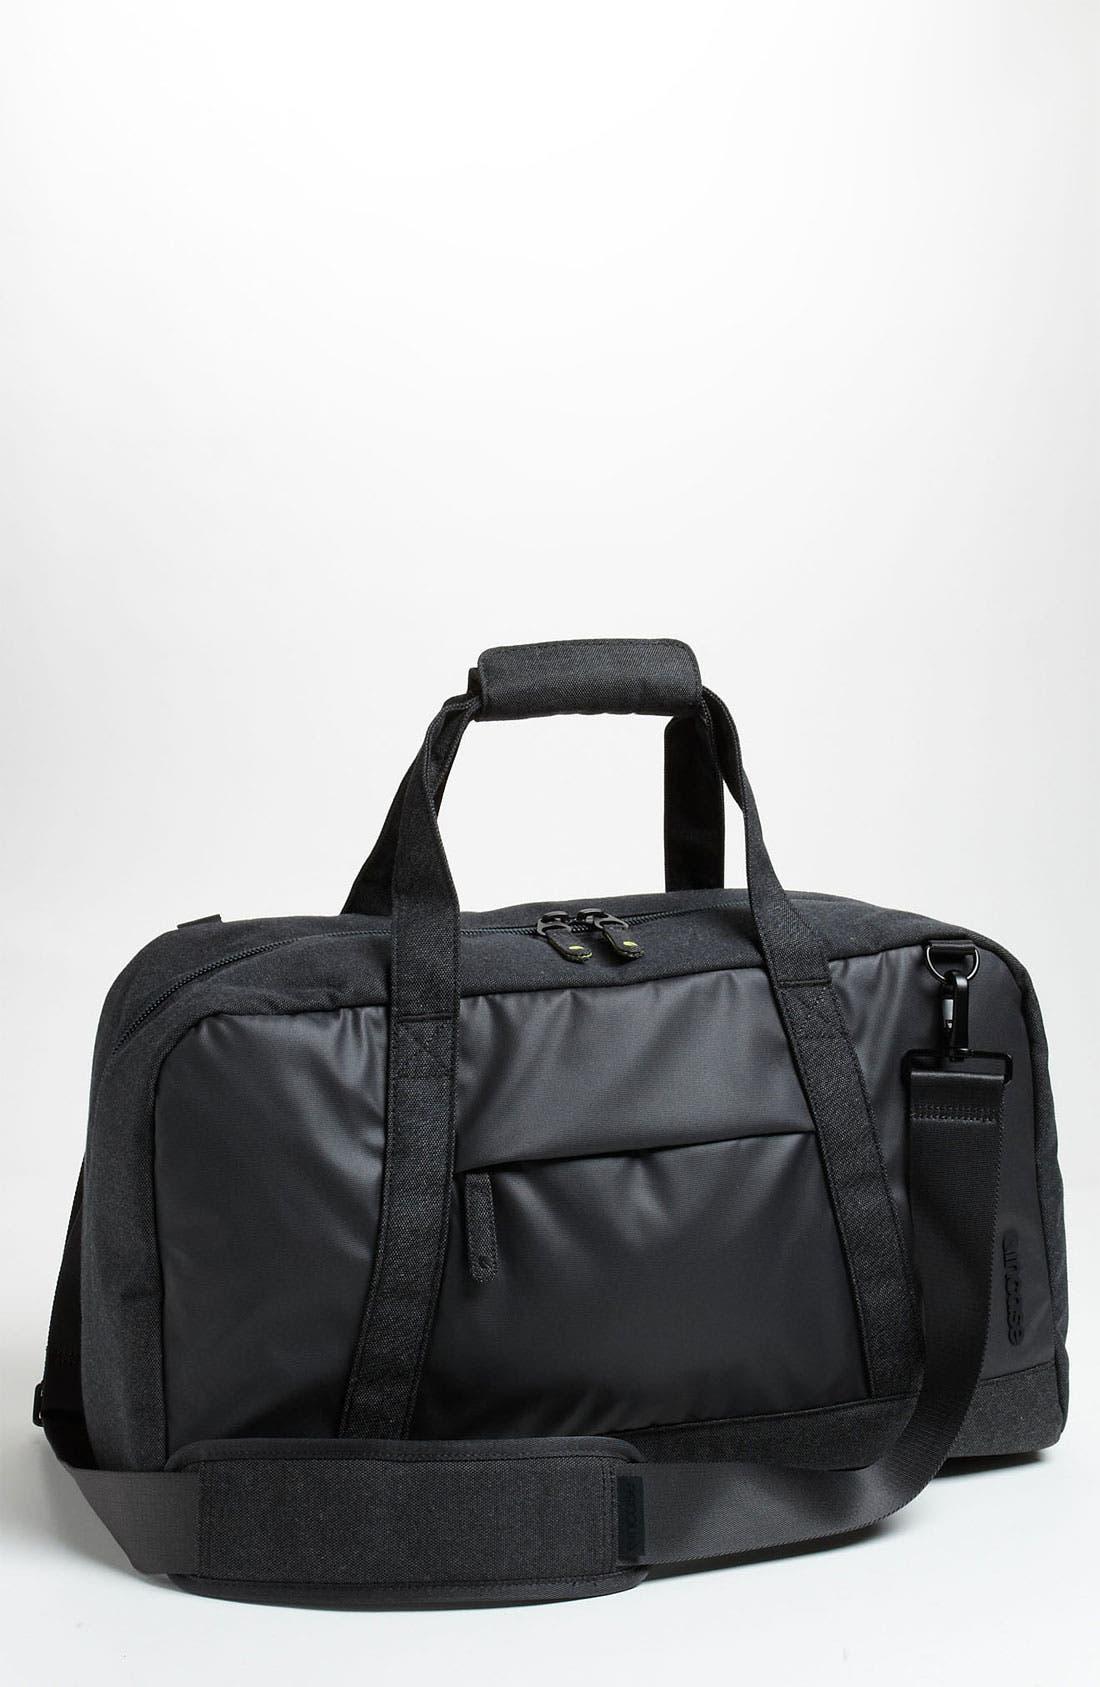 Alternate Image 1 Selected - Incase 'EO' Travel Duffel Bag